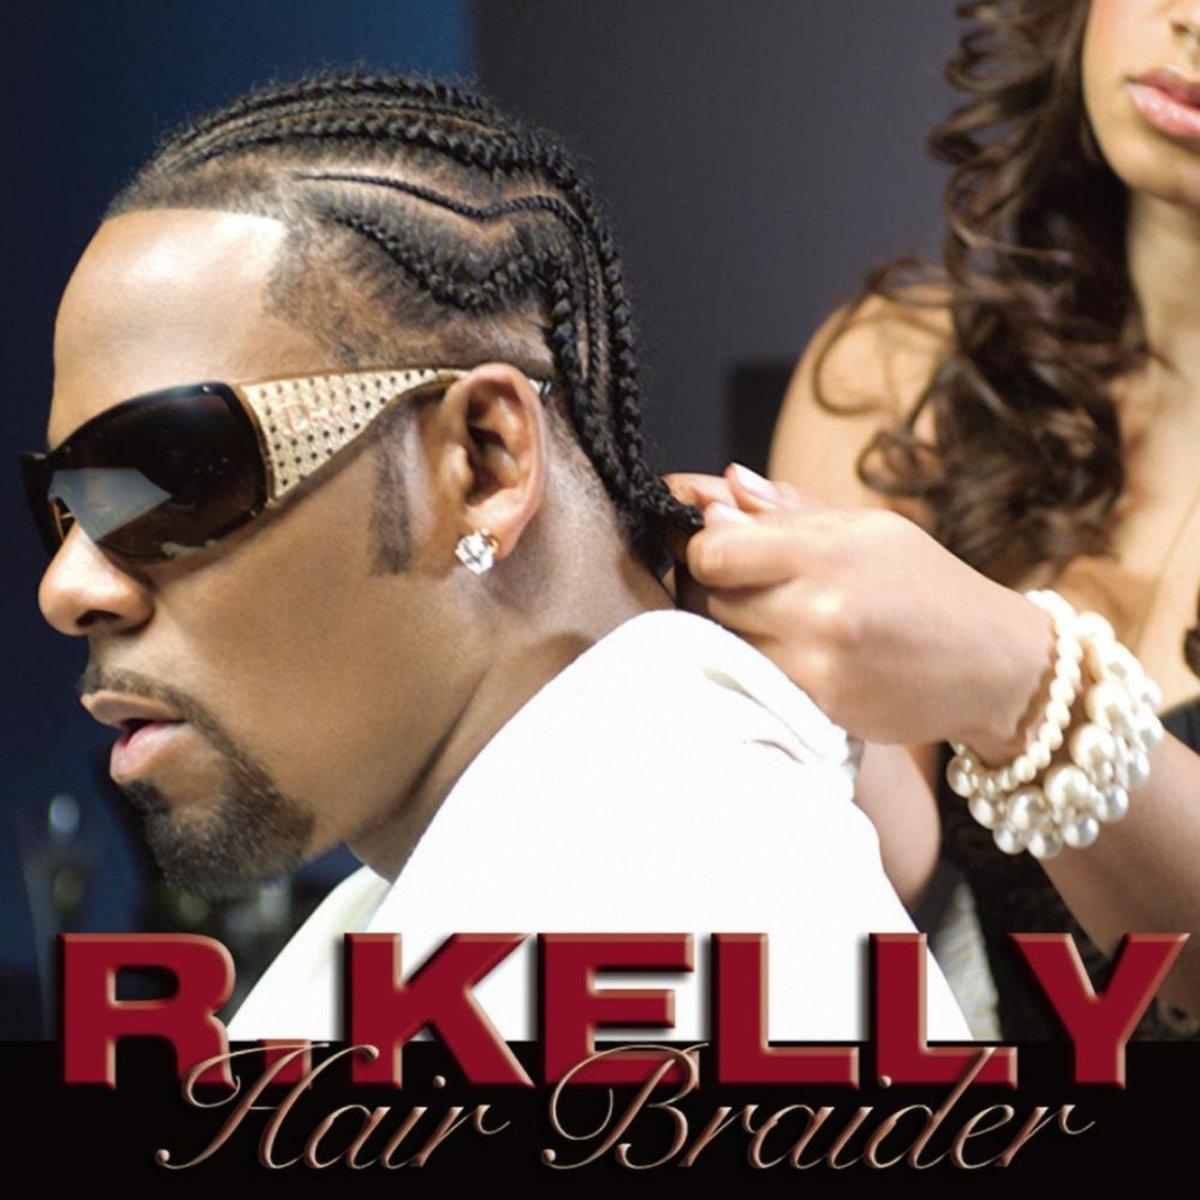 R. Kelly - Hair Braider (Cover)